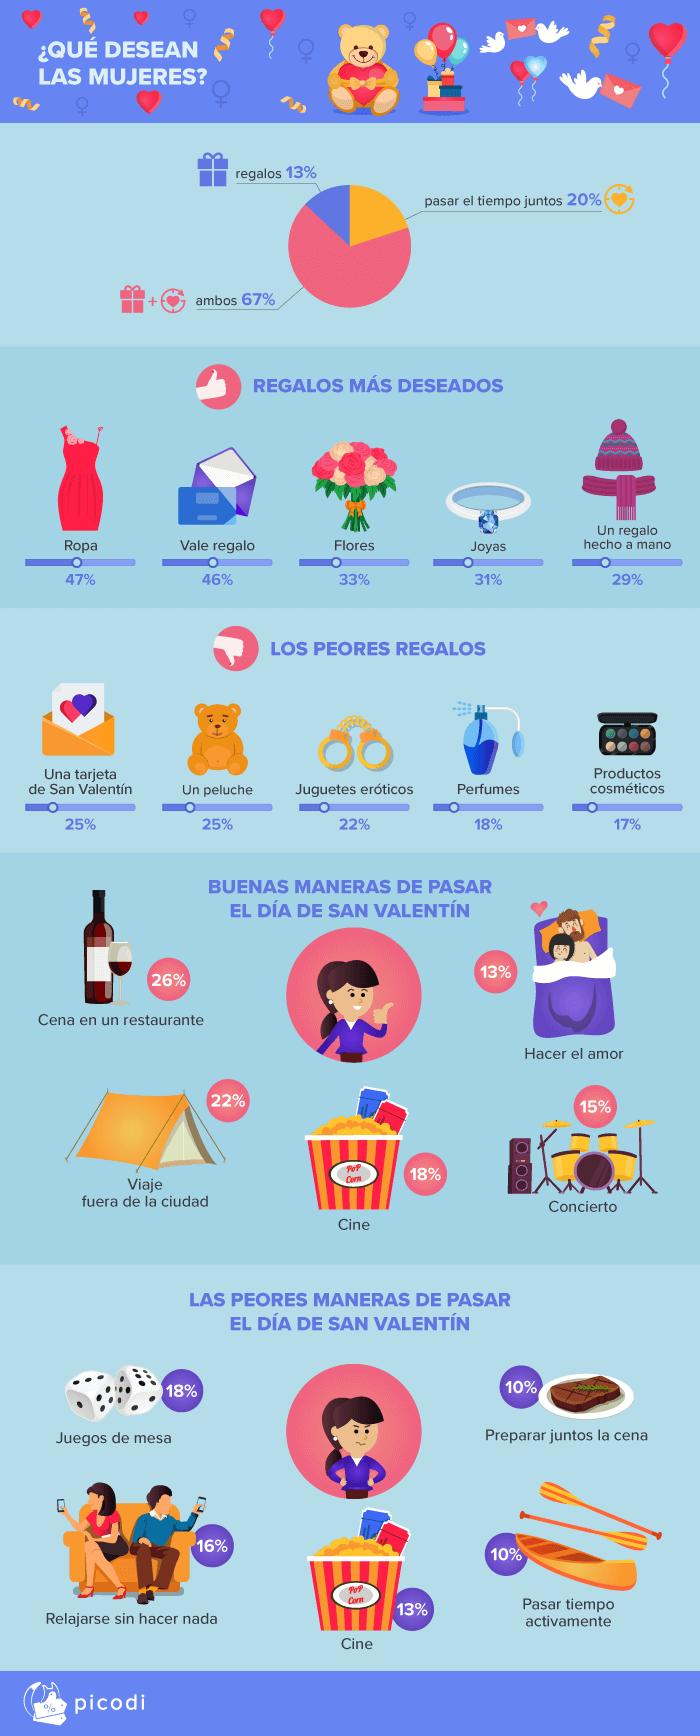 2 que desean las mujeres - Peruanos gastarían en promedio S/192 en regalos de San Valentín